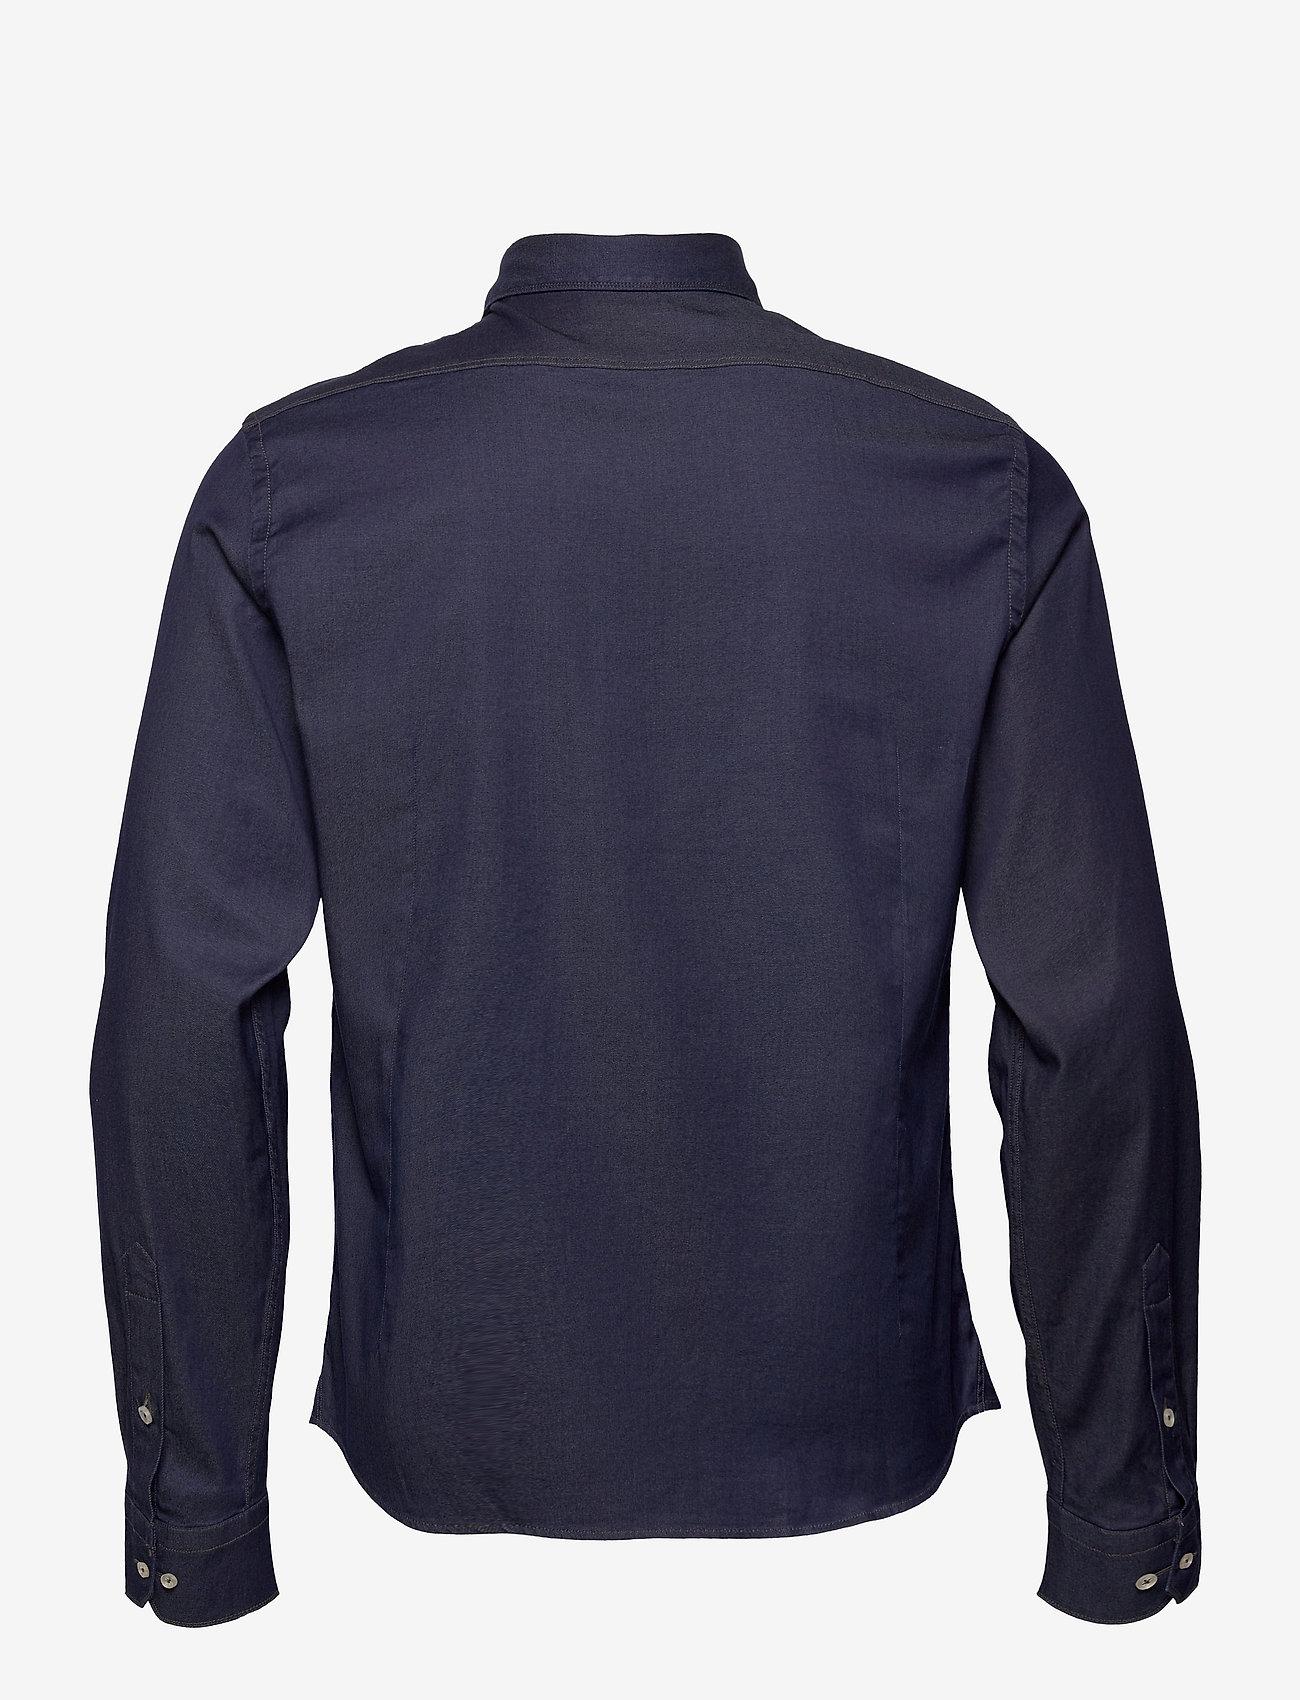 XO Shirtmaker by Sand Copenhagen 8611 - Jacky SC - Skjorter MEDIUM BLUE - Menn Klær